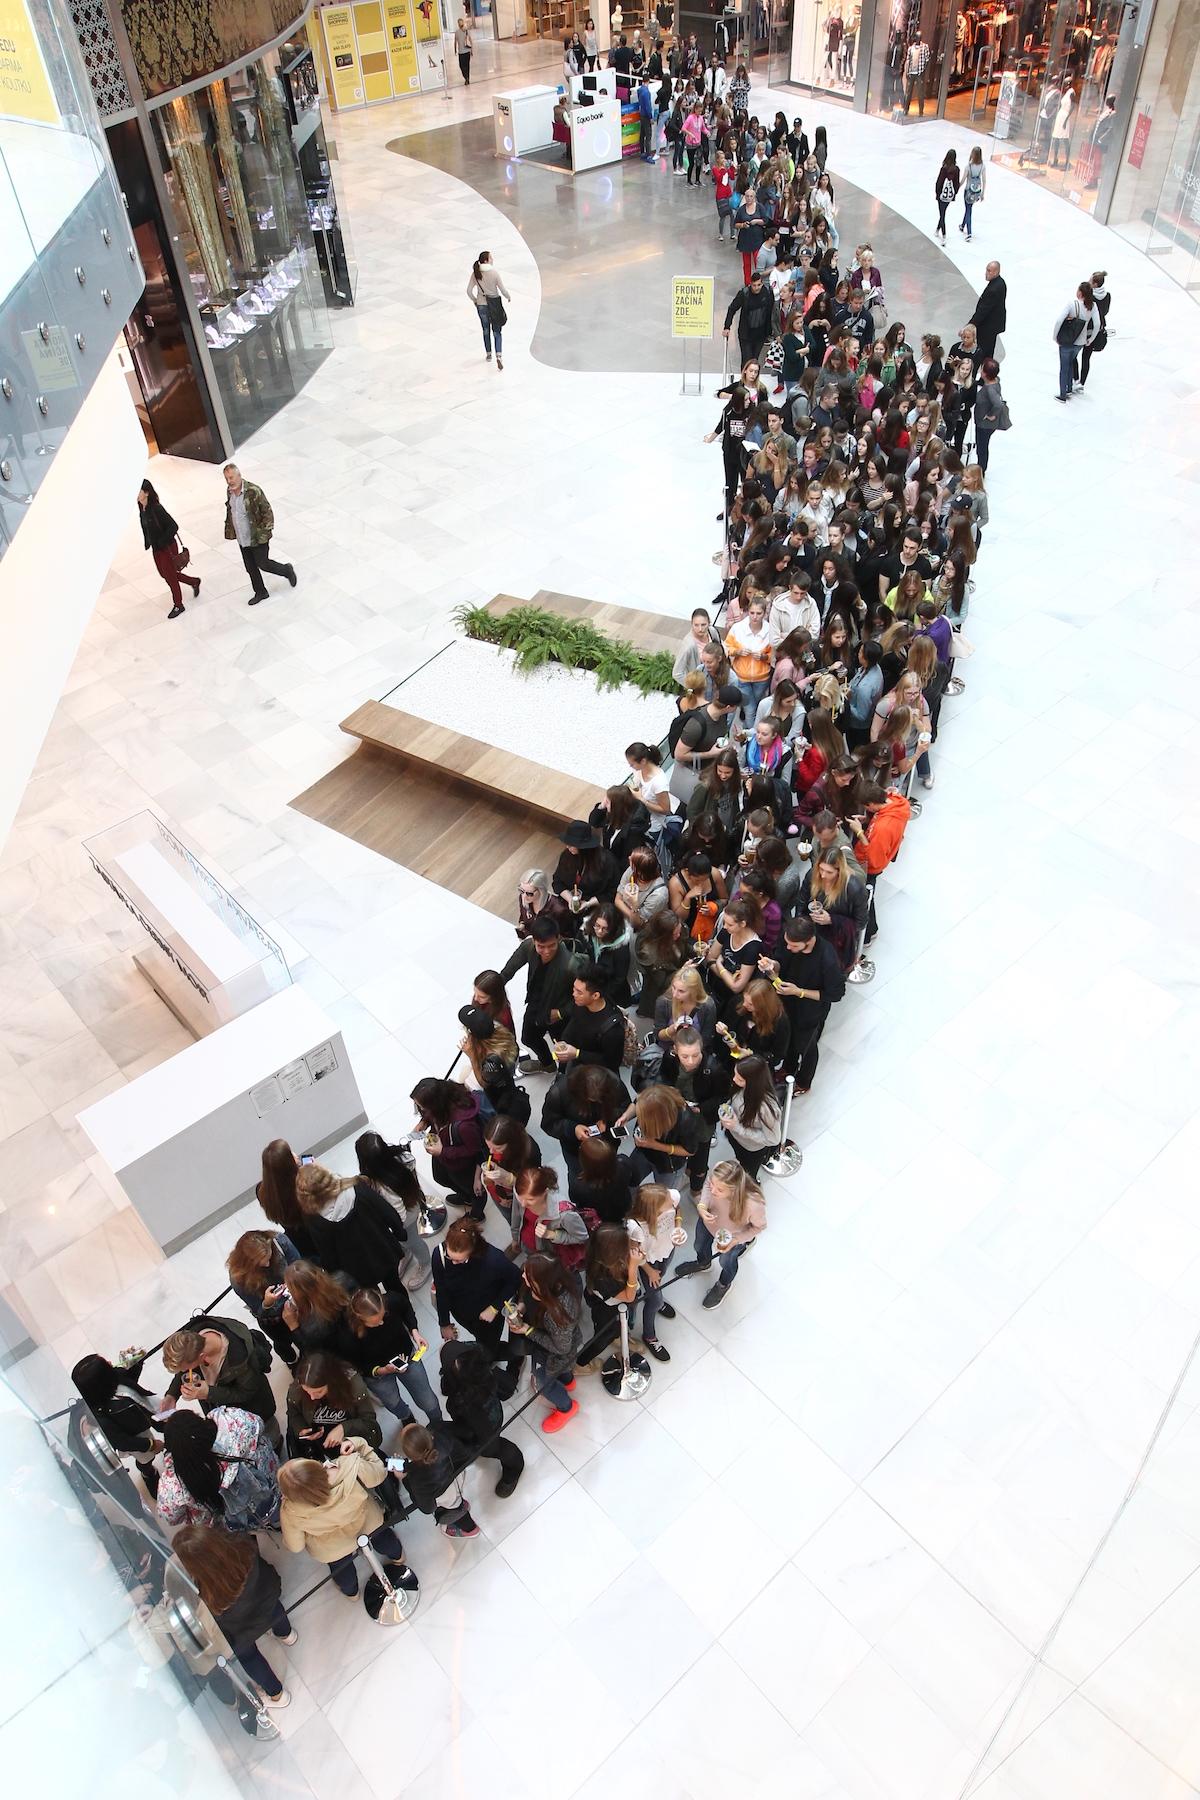 Na dvanáct tisíc lidí se přišlo podívat na otevření obchodu v sobotu 24. září. Foto: Forever 21